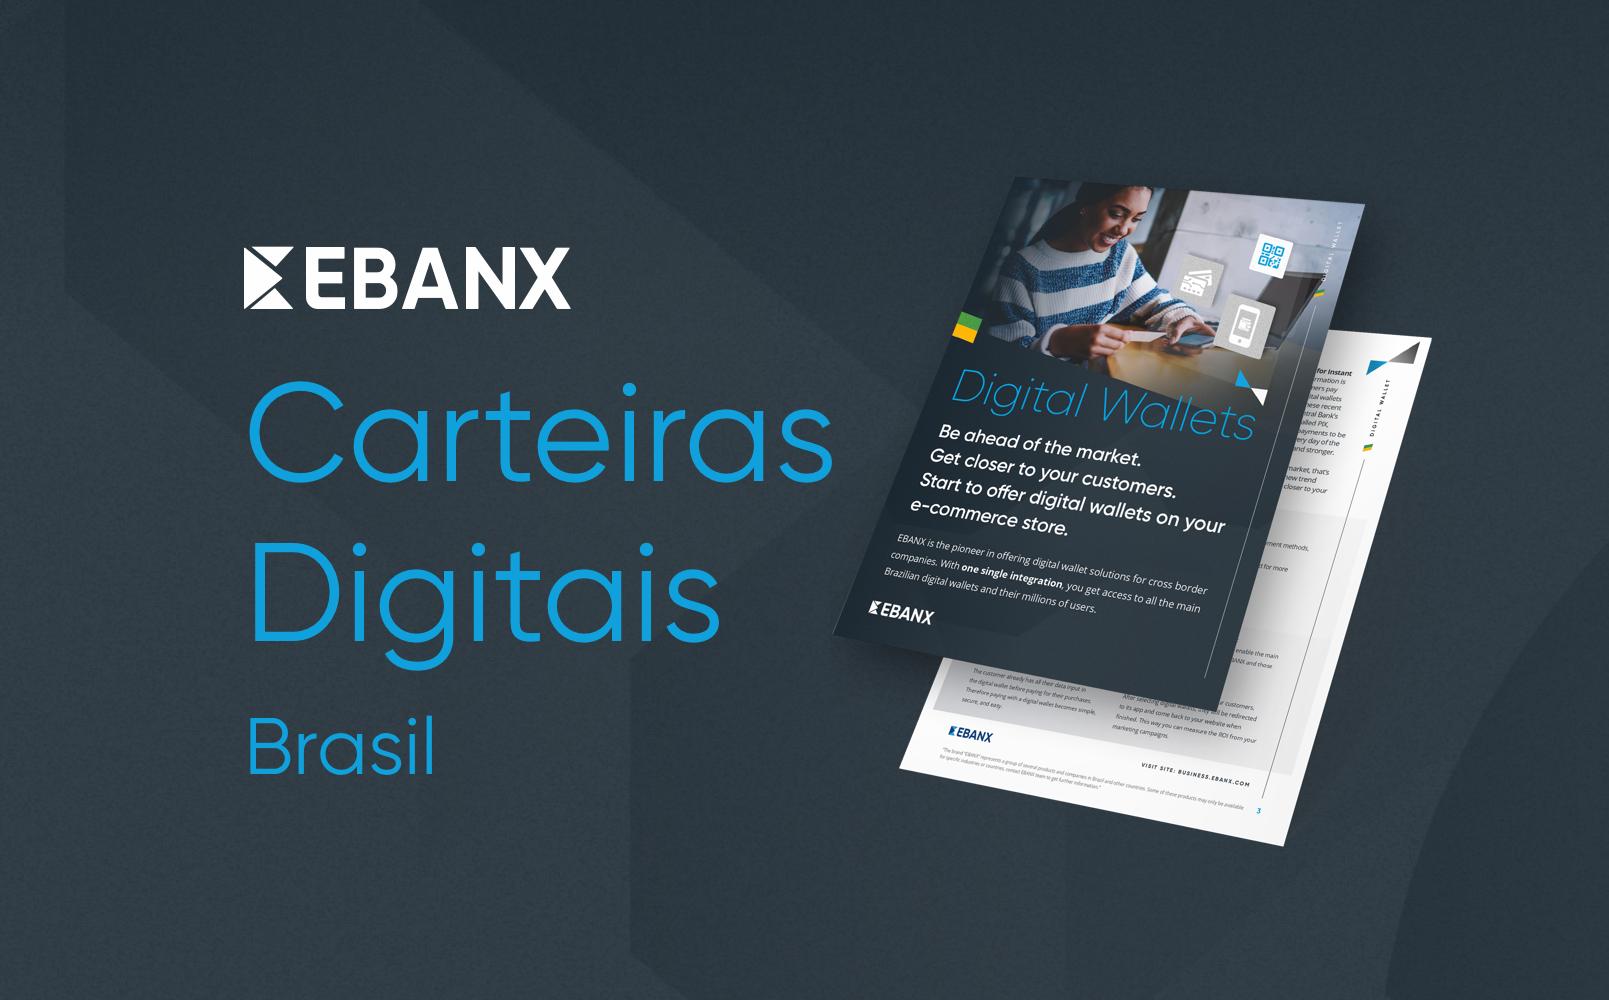 carteiras-digitais-no-brasil